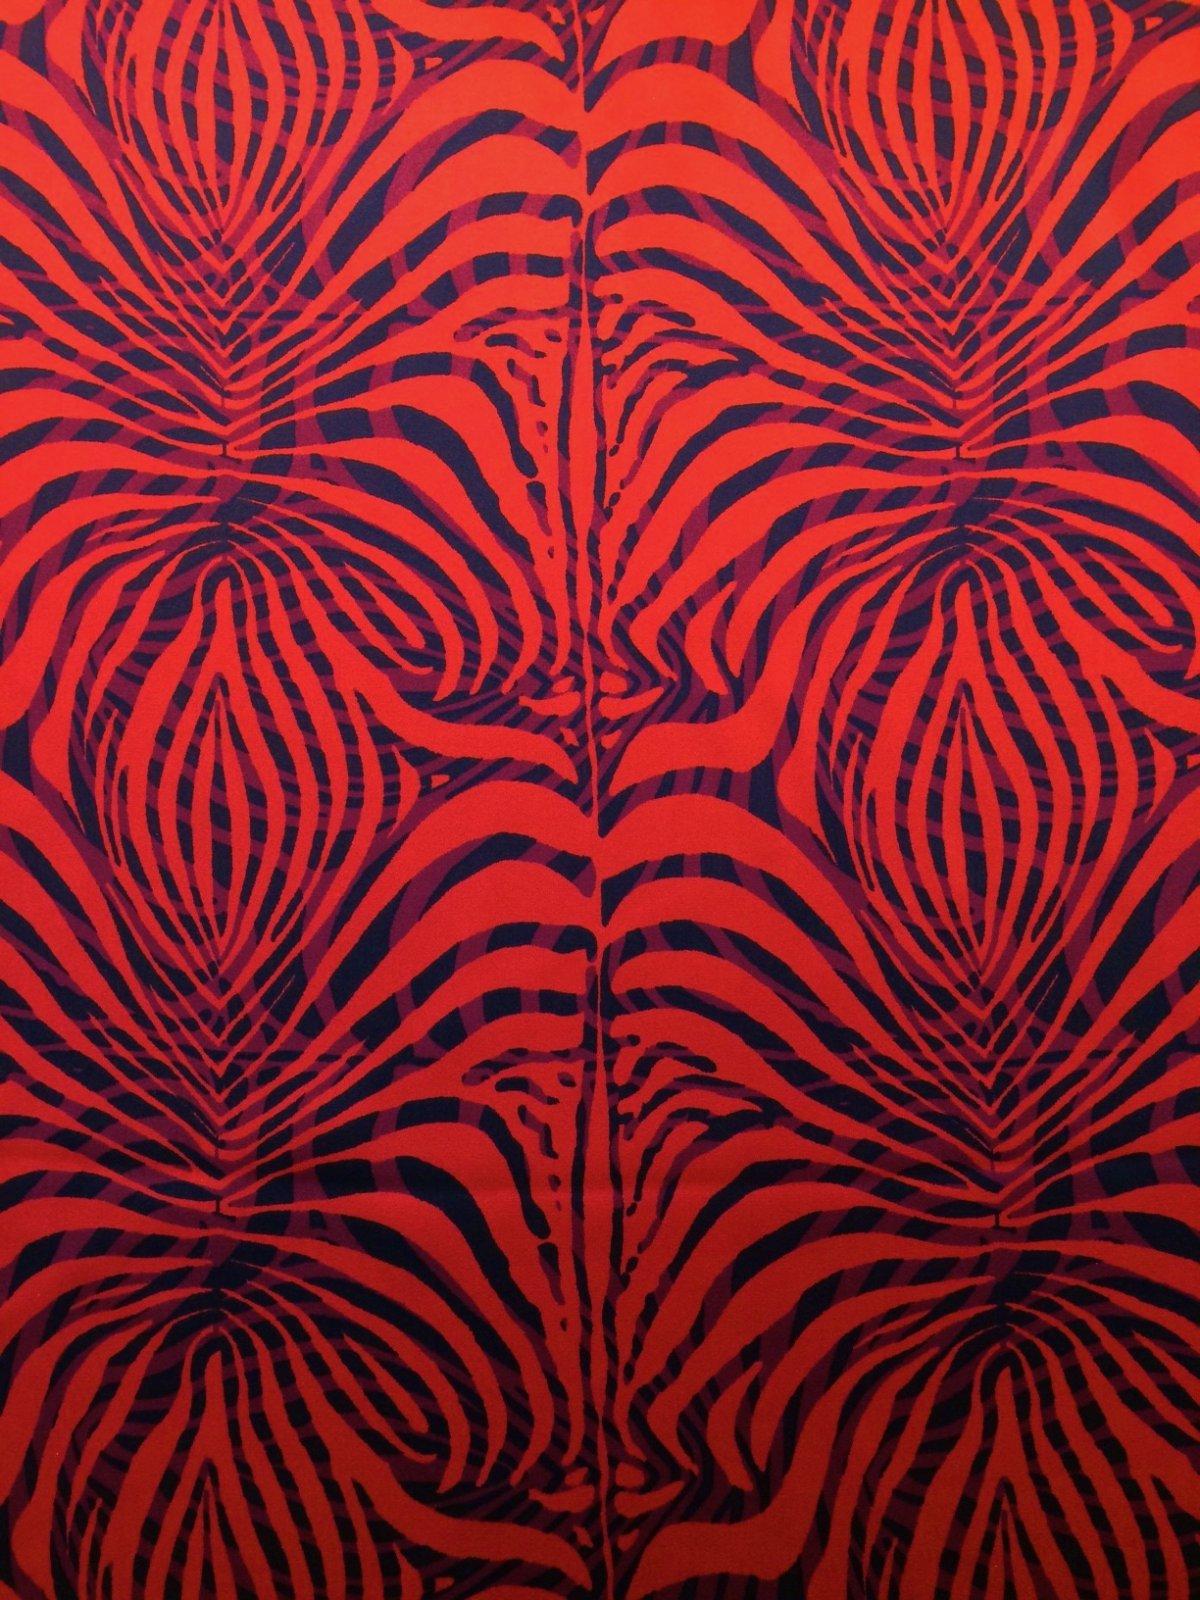 Red and Black Fern Like Print